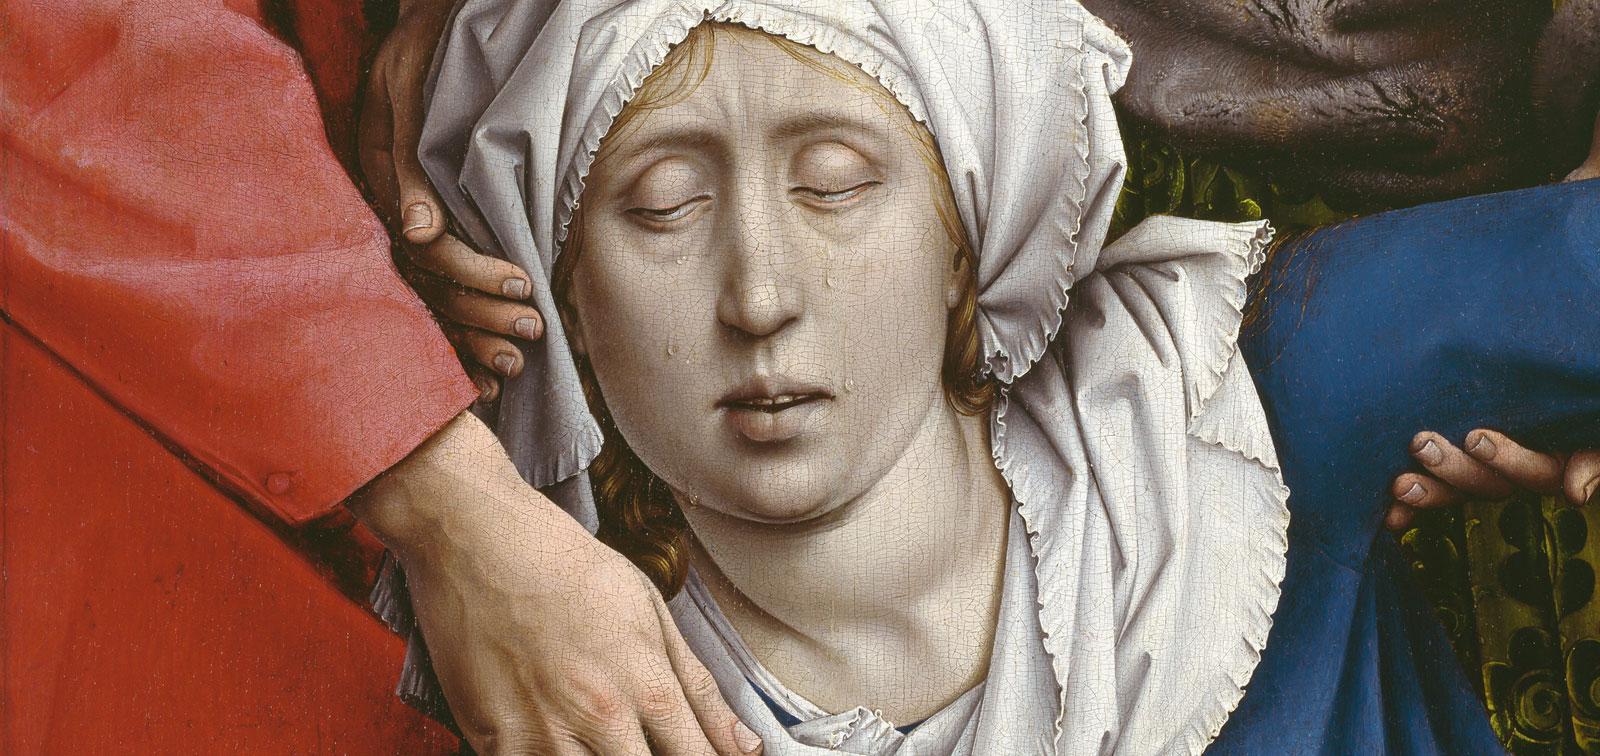 Rogier van der Weyden  - Page 2 8047aceb-b244-60ca-03d7-8b038e58600e